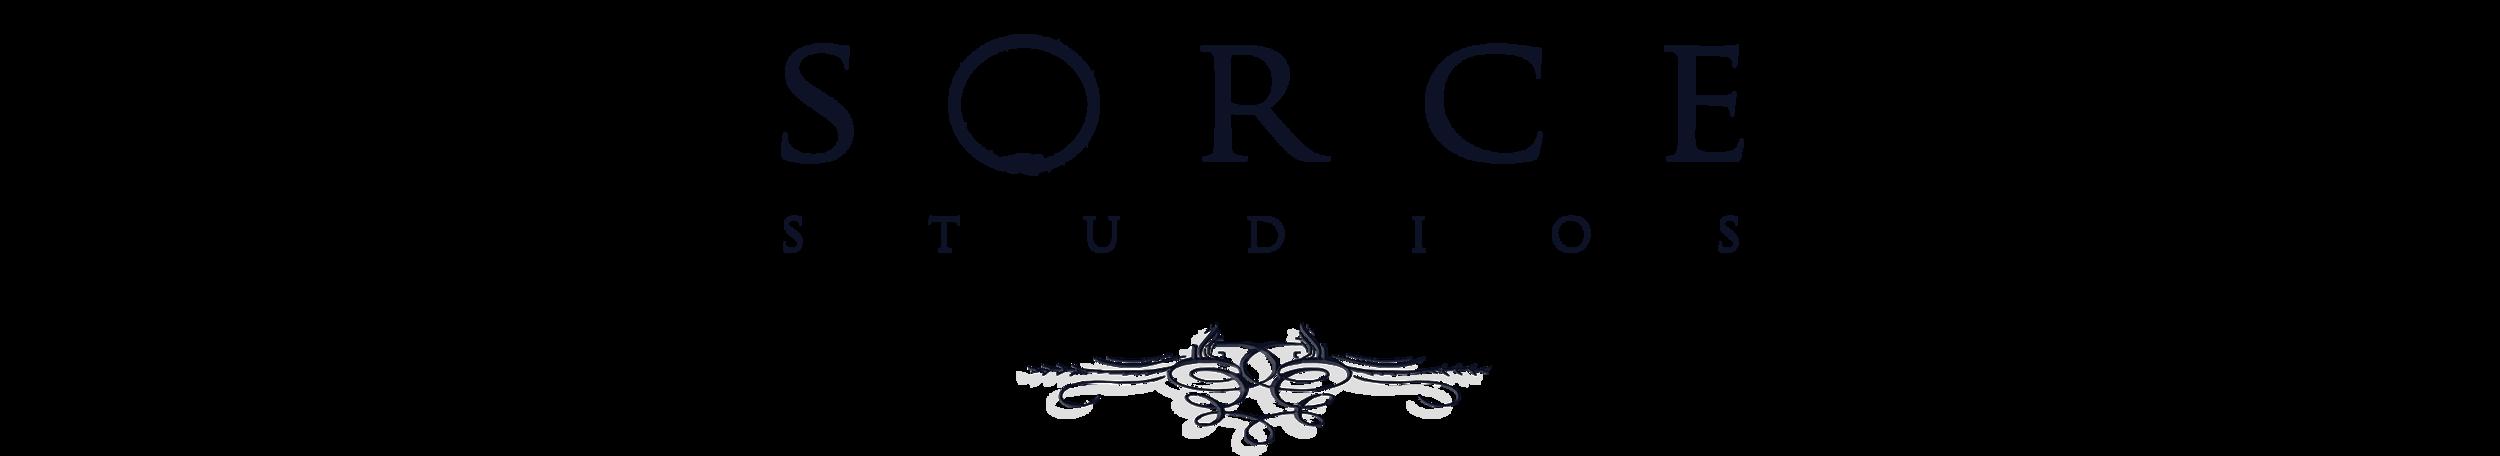 Sorce Studios 2019 video.png